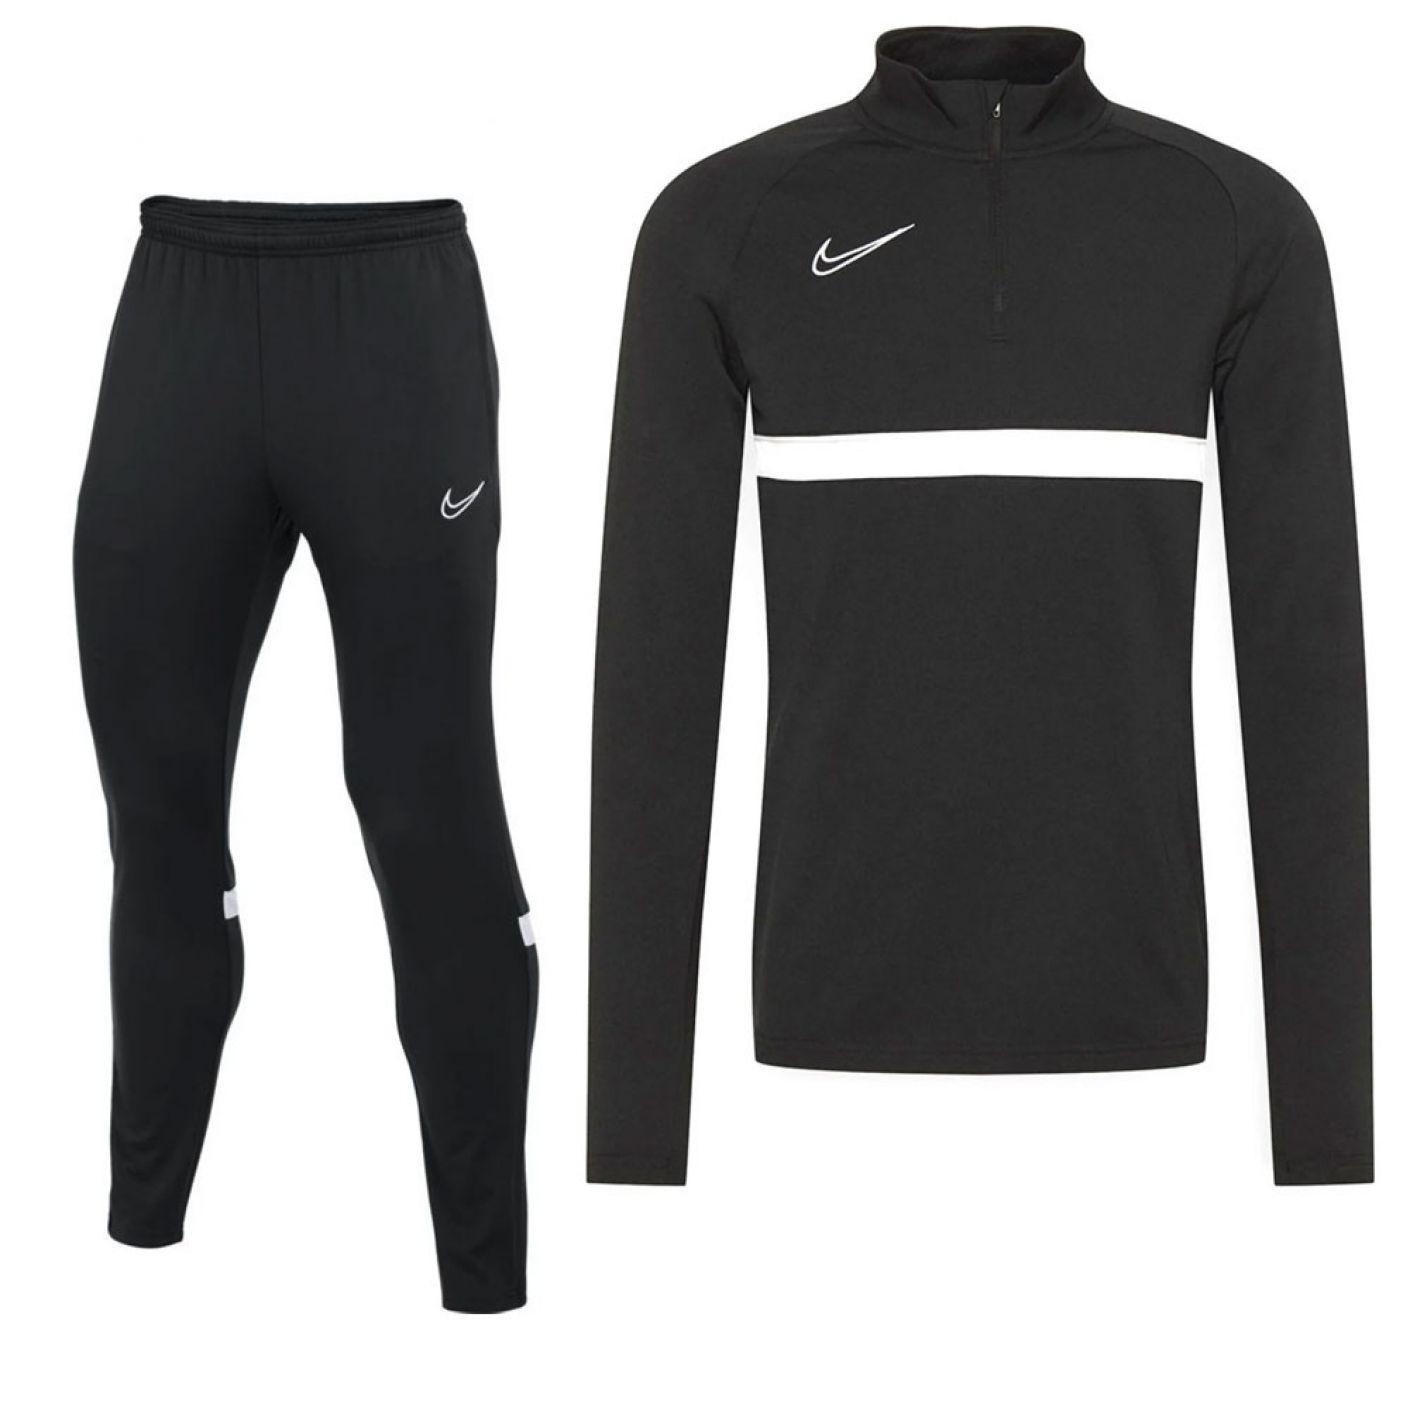 Nike Academy 21 Drill Trainingspak Zwart Wit